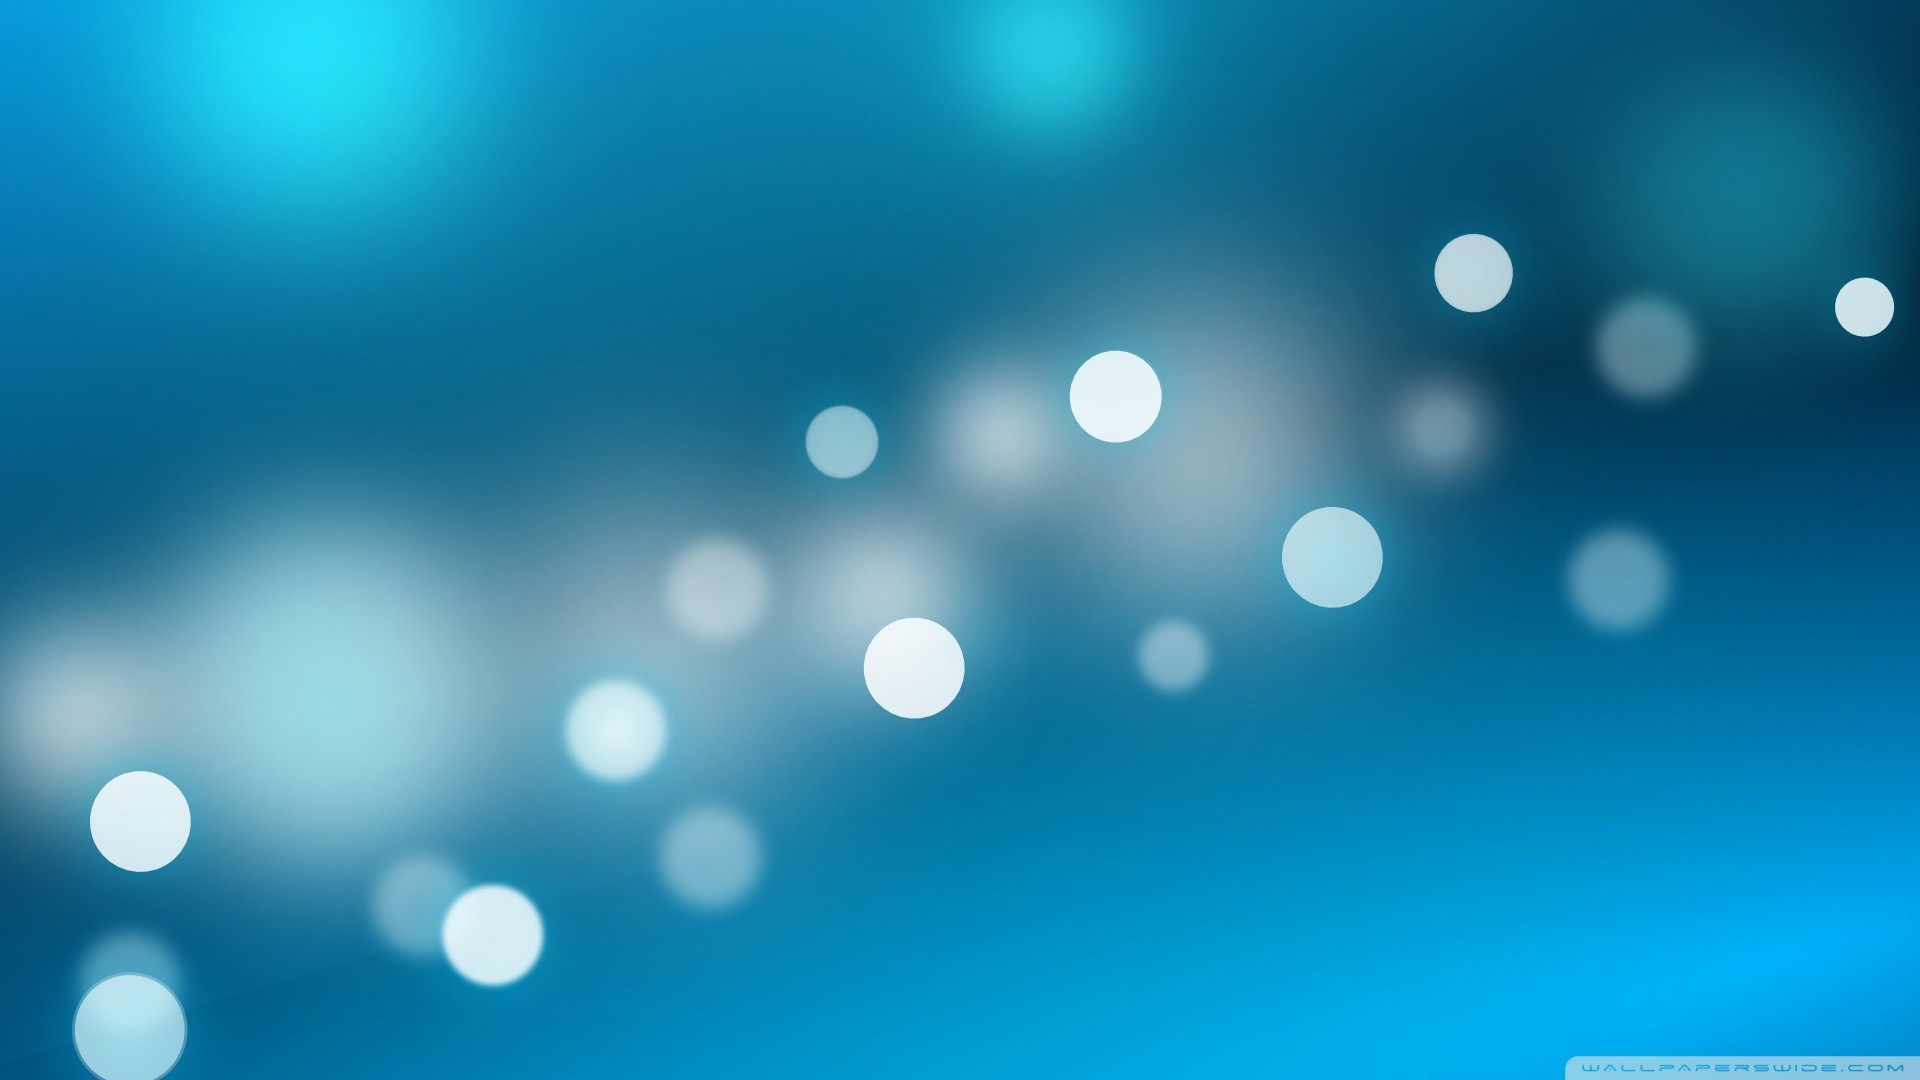 Blue Sparkles Hd Desktop Wallpaper Widescreen High Definition